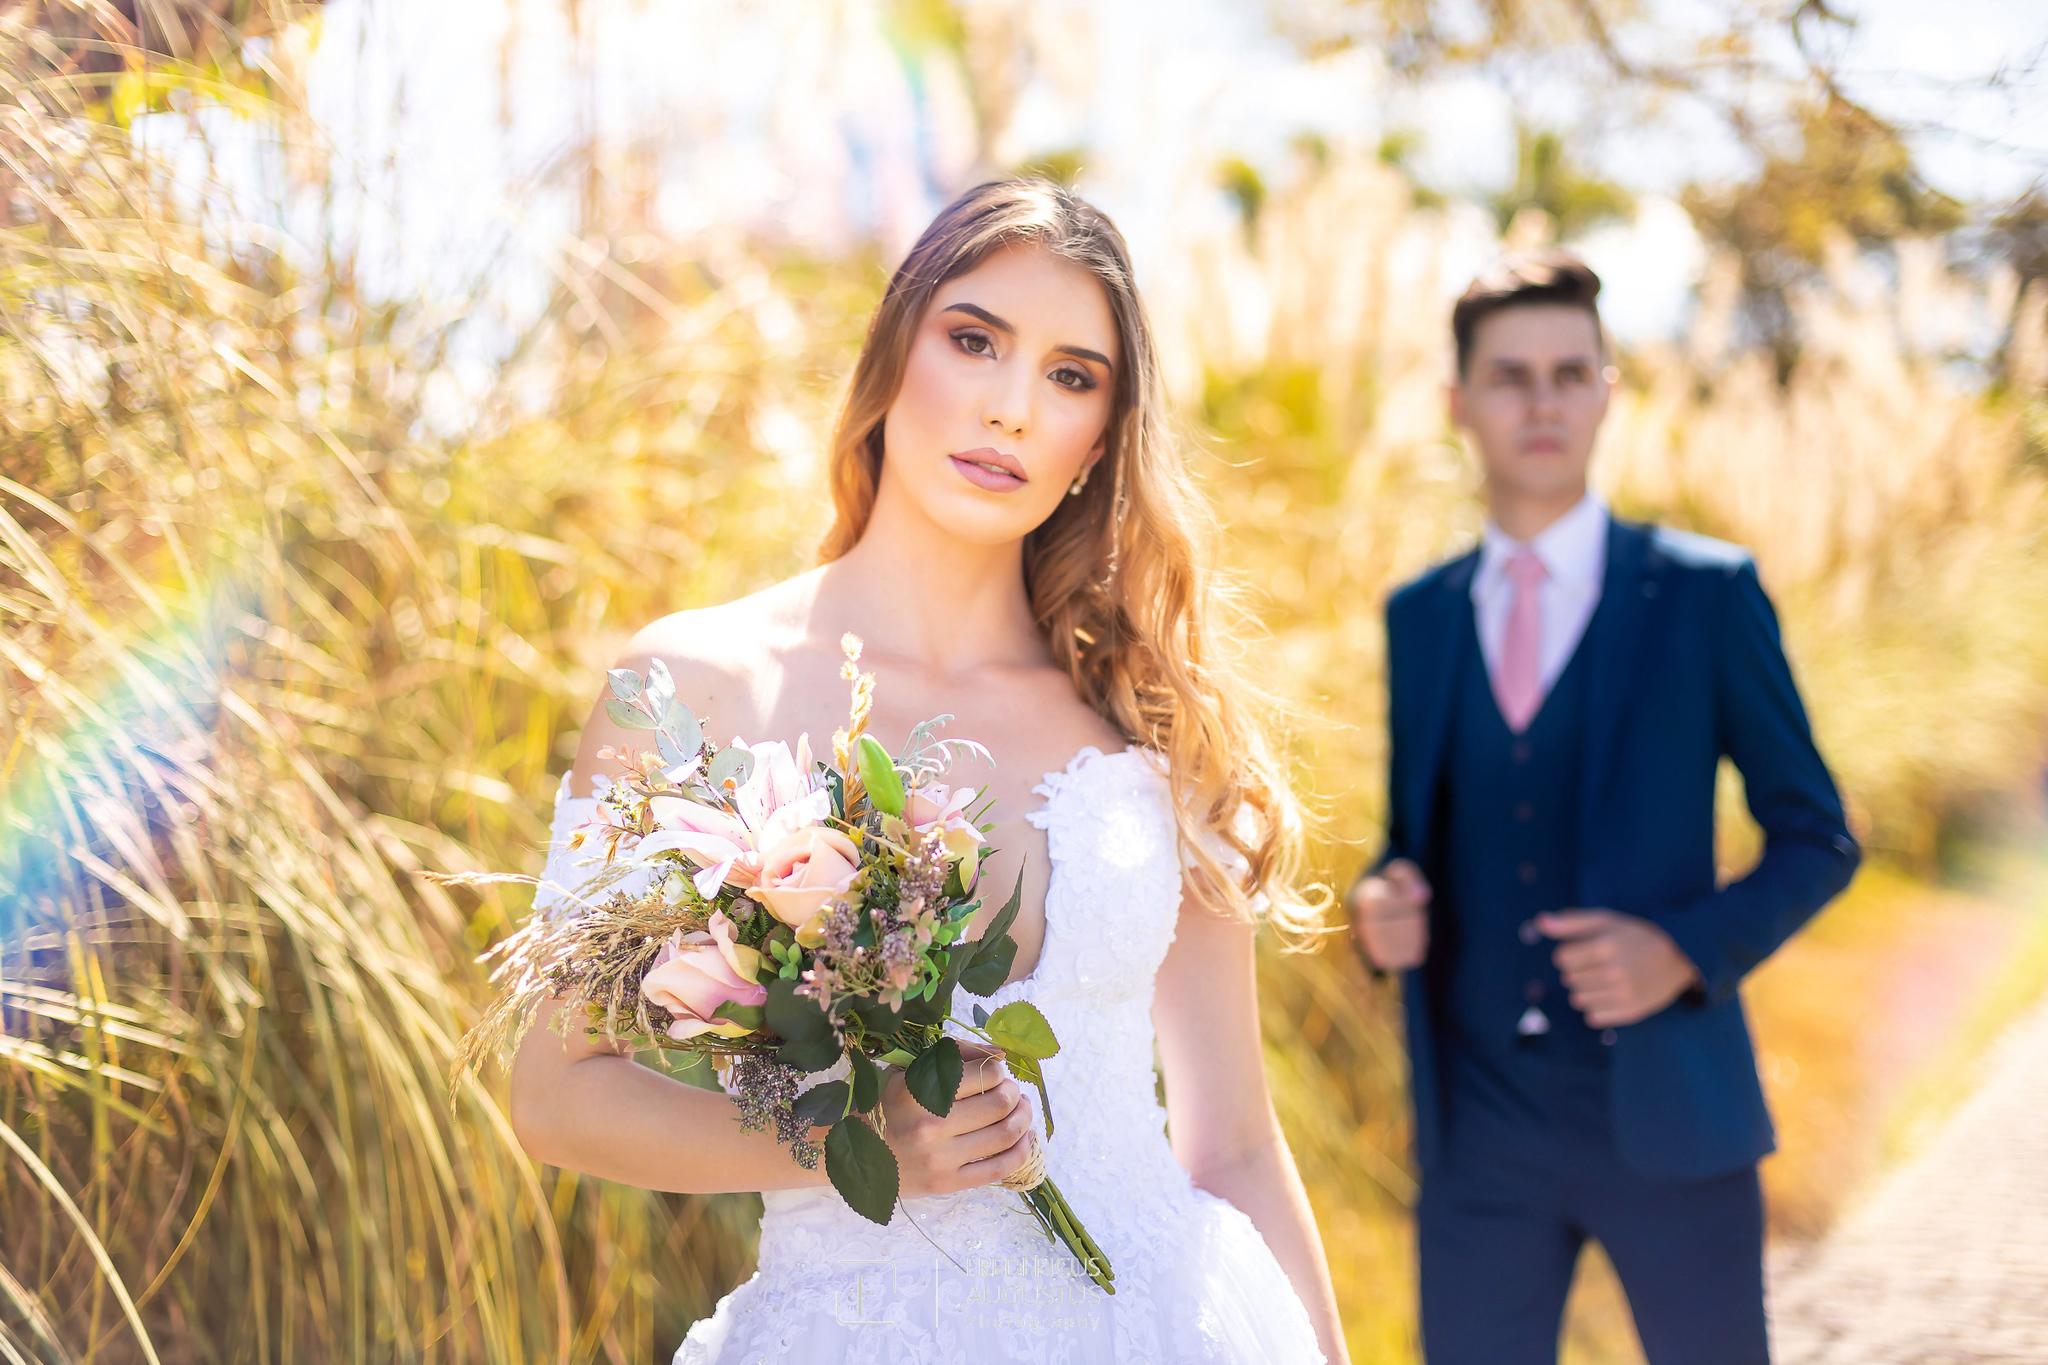 no ensaio de pós casamento tem que ter fotos da noiva com o noivo